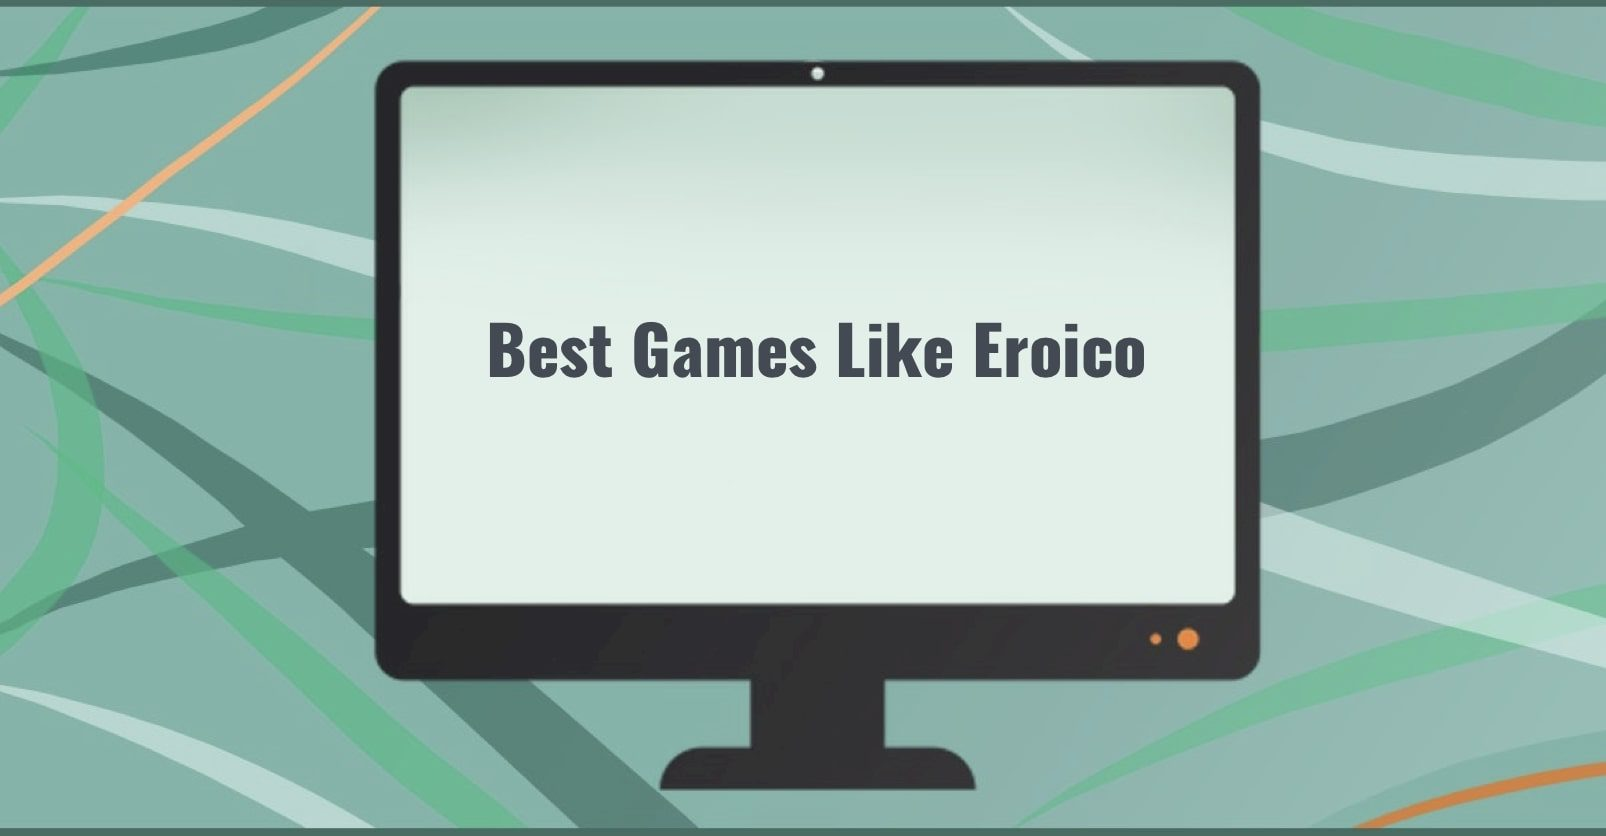 Best Games Like Eroico